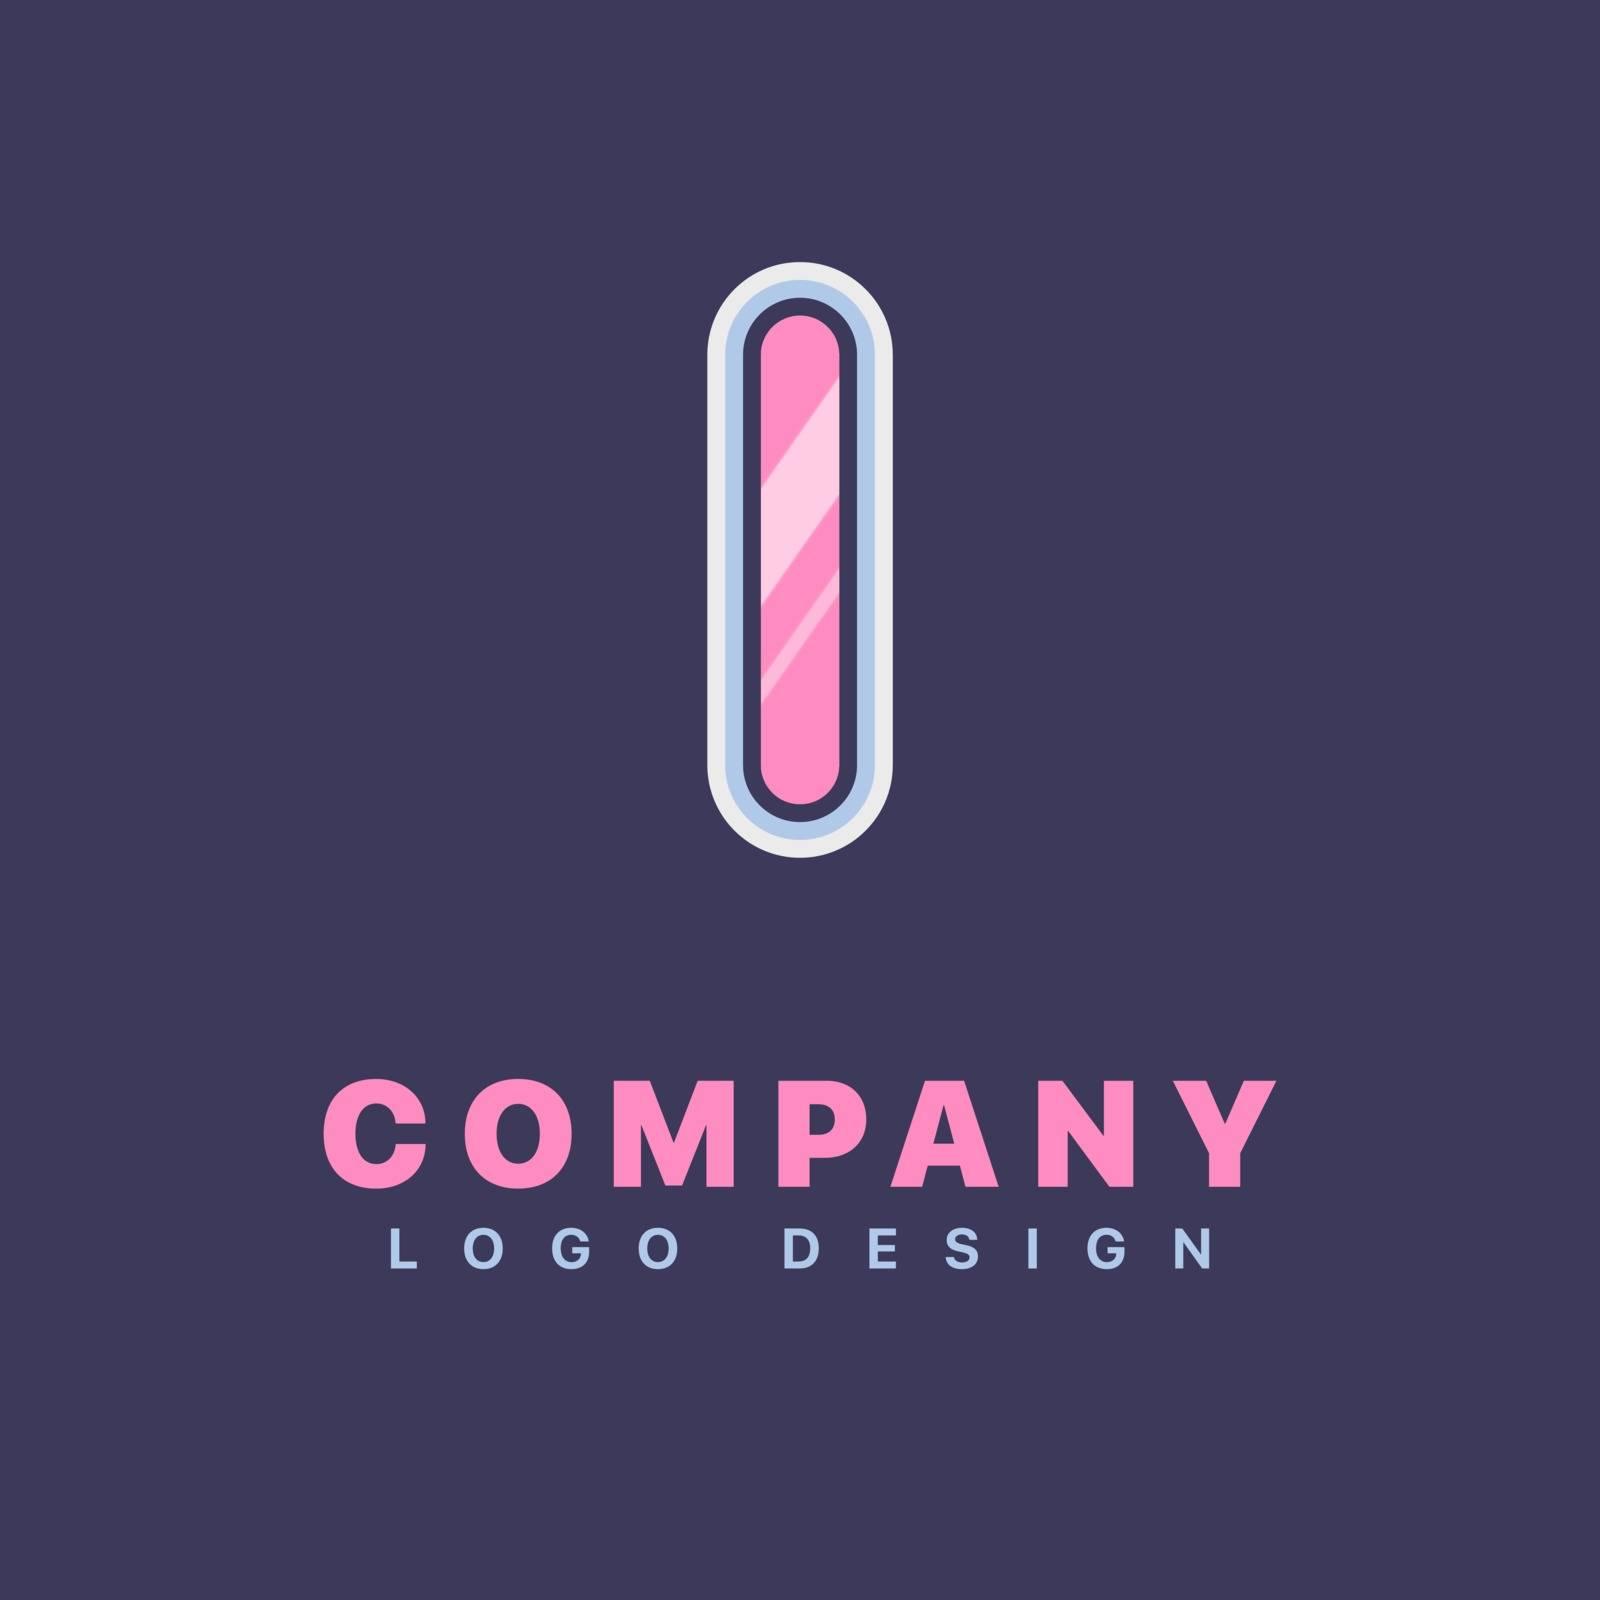 Letter L logo design template. Company logo icon